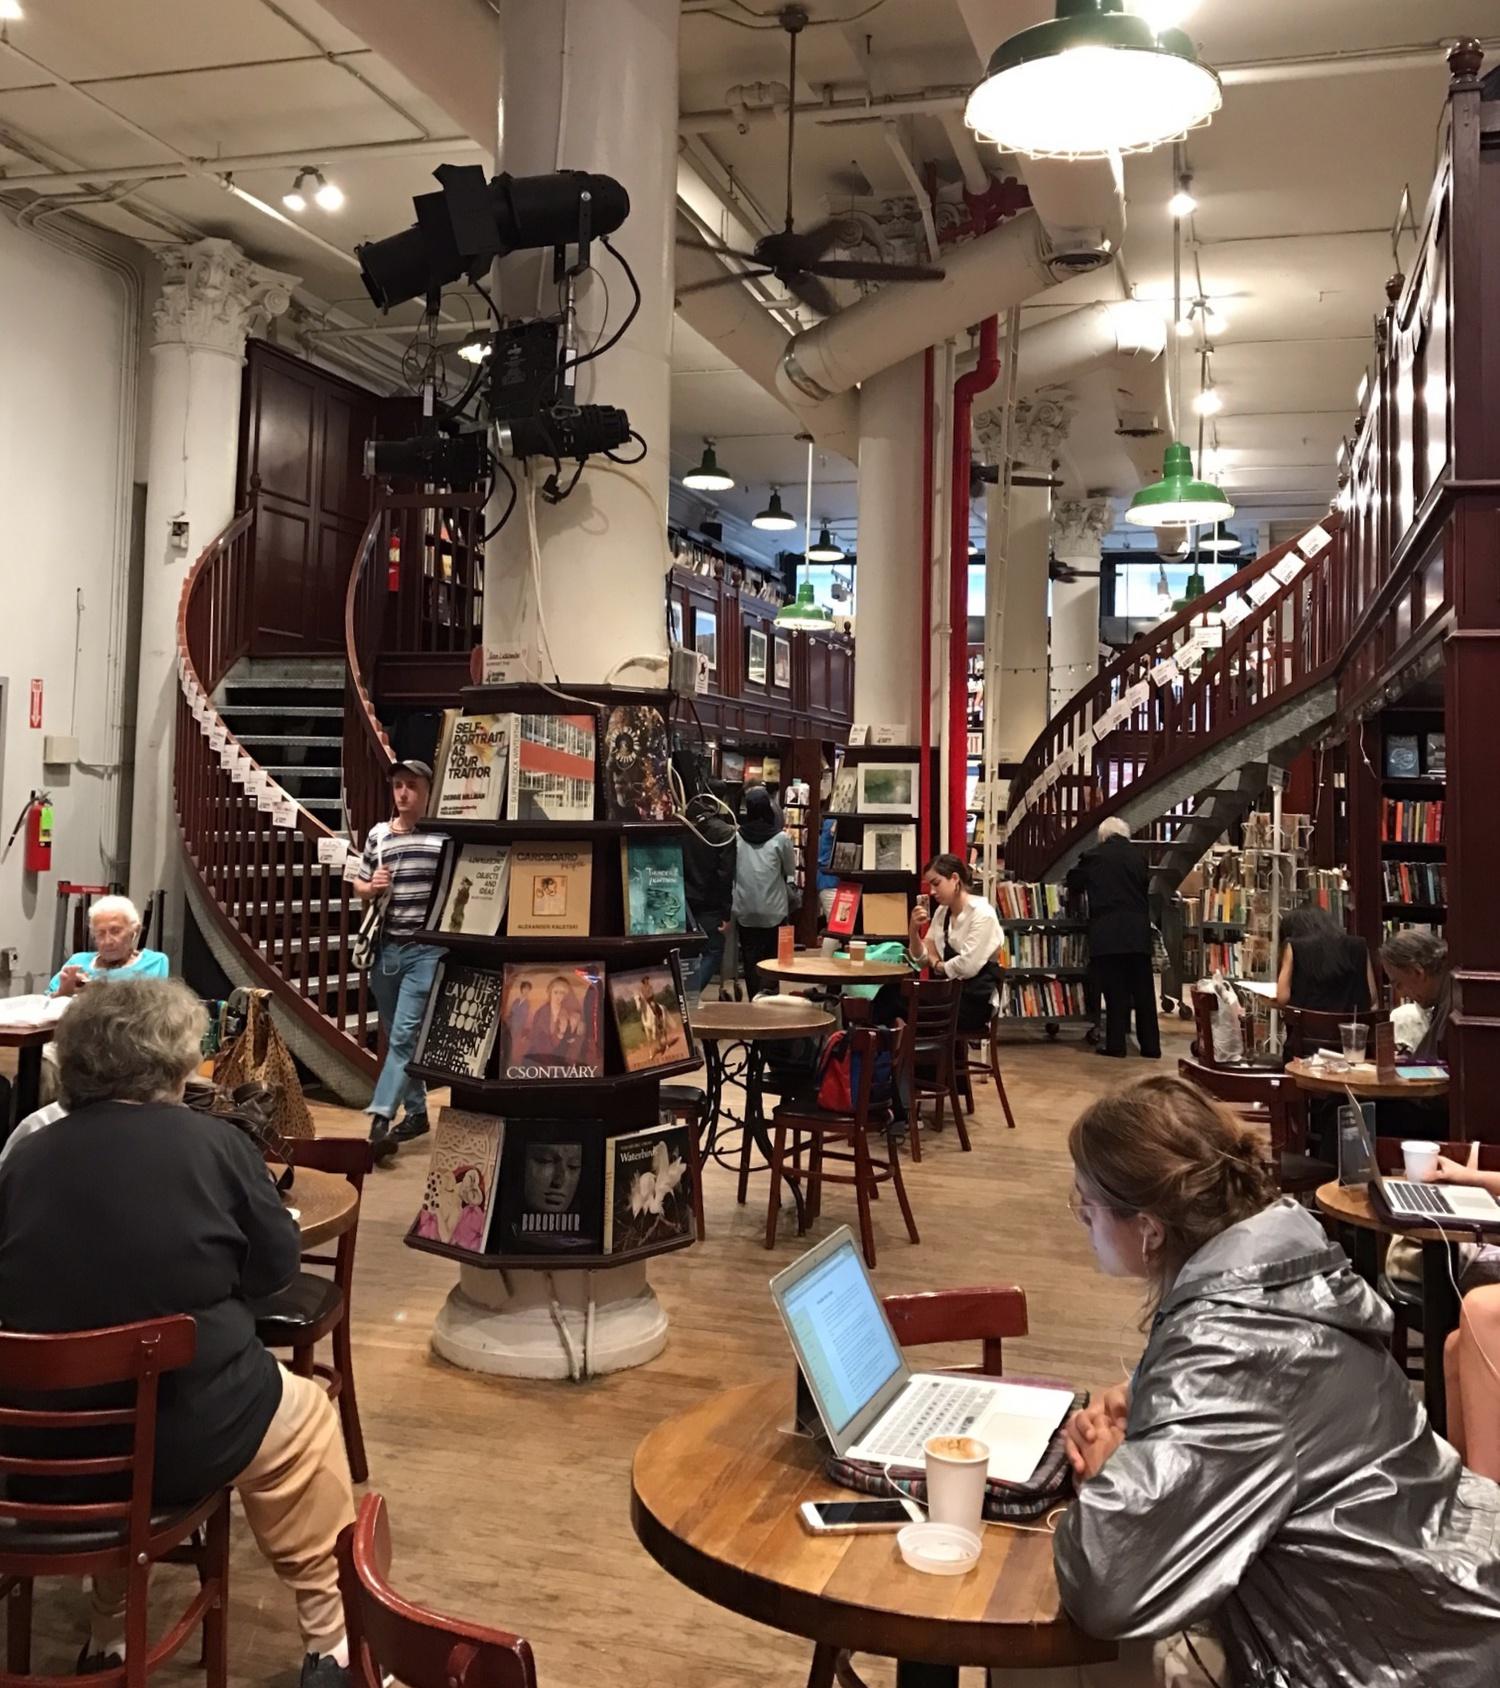 복층 구조는 독특하고 넓은 공간감을 조성하고, 공간의 반 이상을 차지하는 카페는 편안한 쉼터가 됩니다. ⓒ안유정